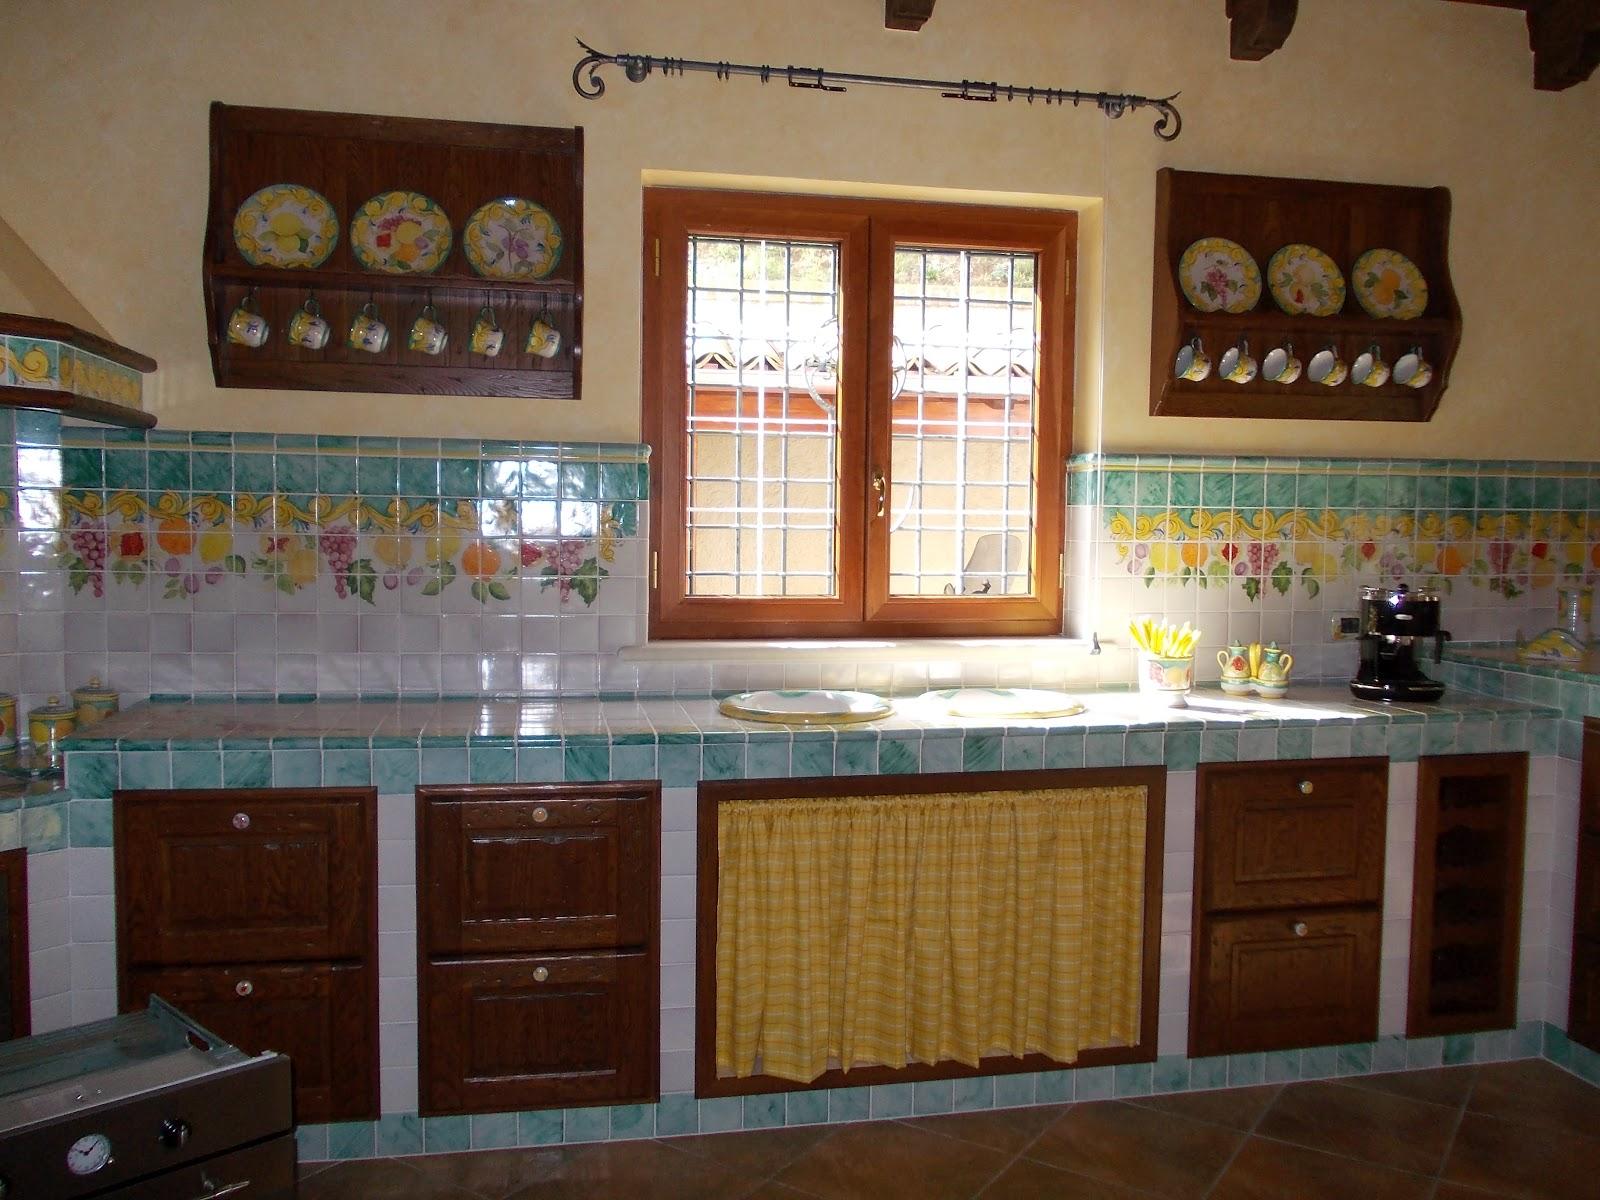 Stufe muratura provenza arredamento cucine murate foto for Riviste arredamento cucine